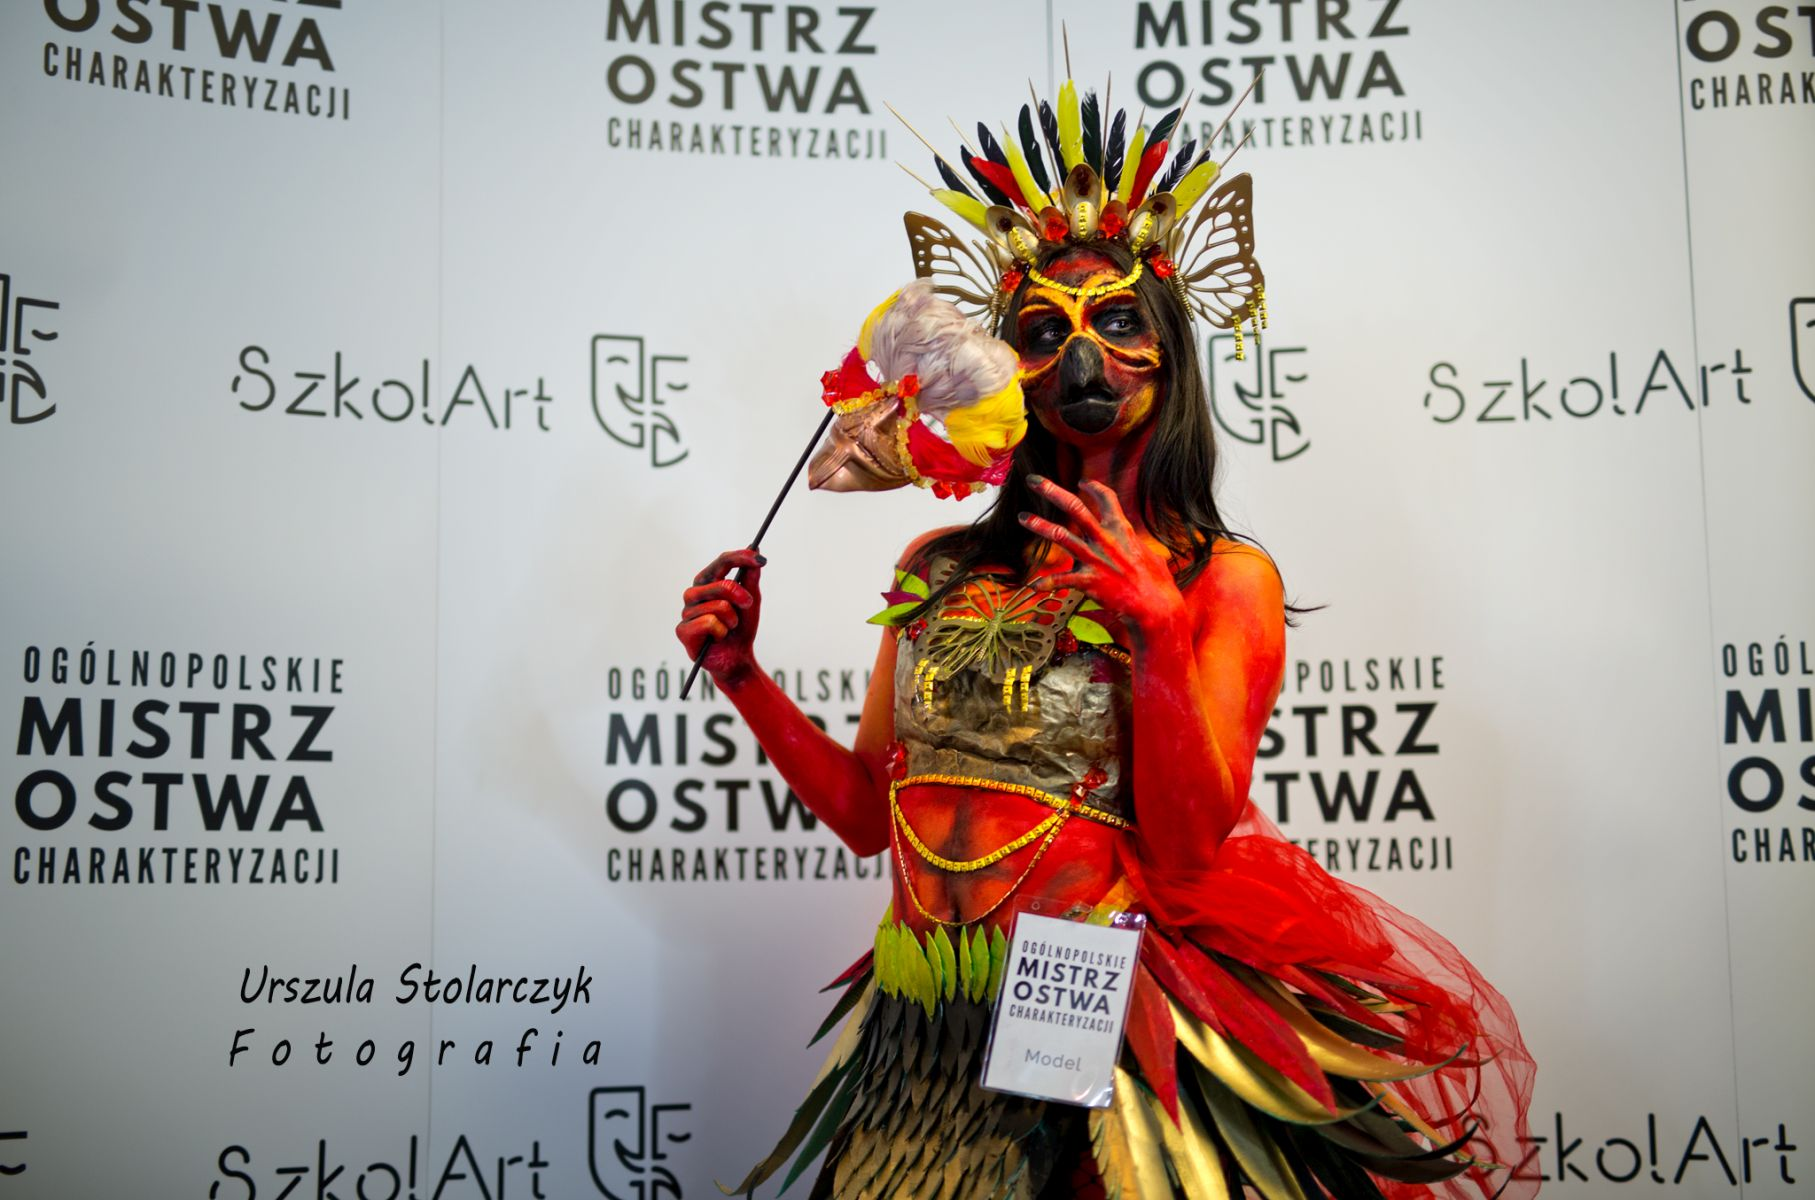 7. Ogolnopolskie Mistrzostwa Charakteryzacji -  069